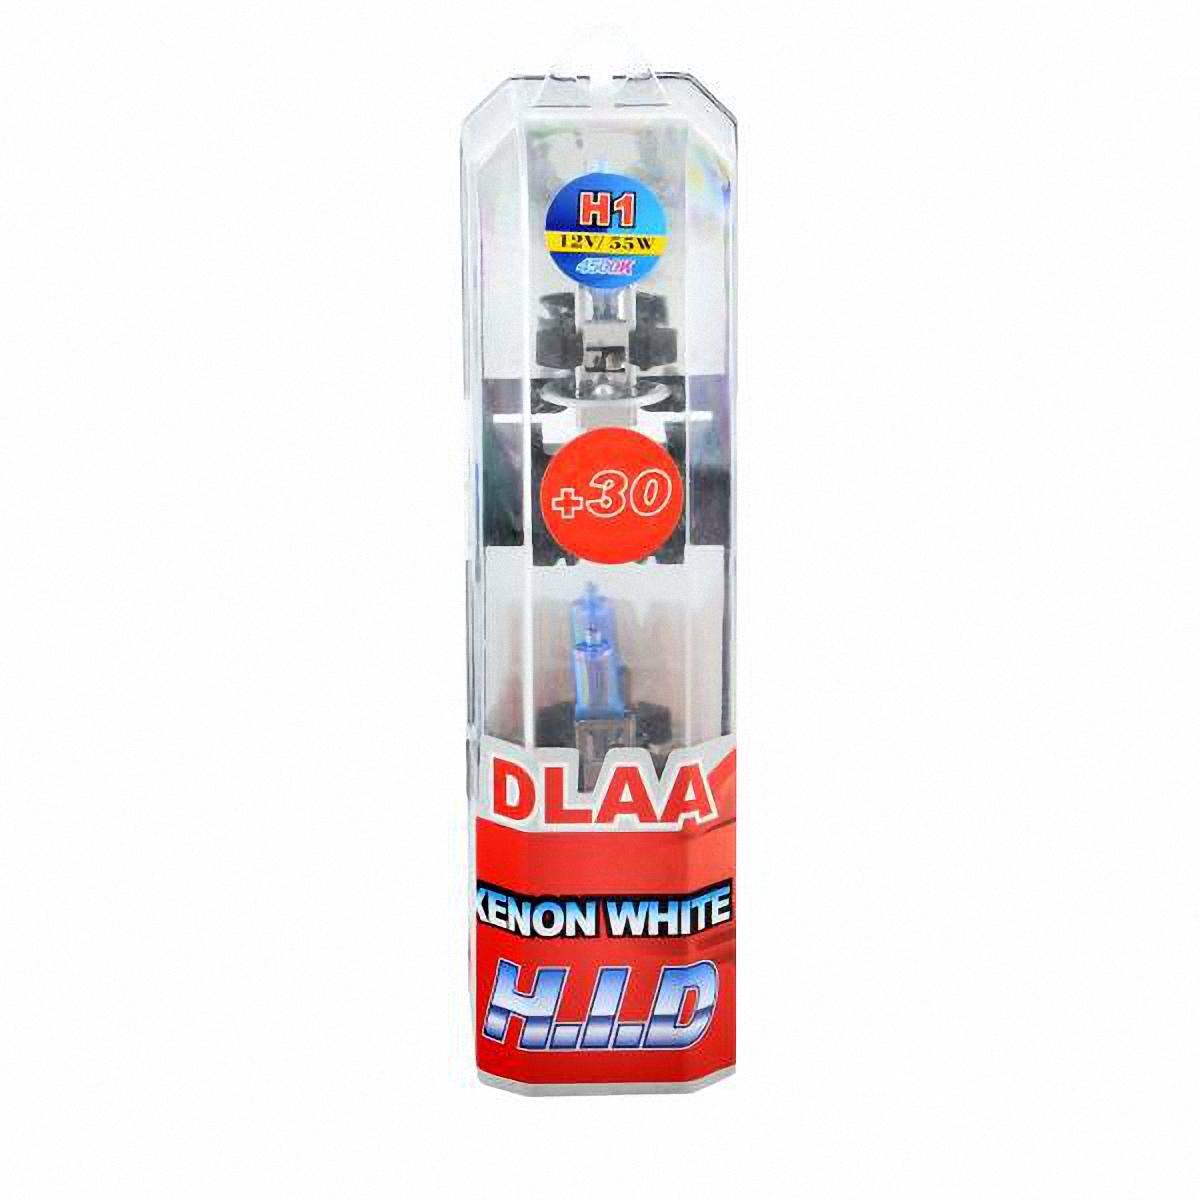 Skyway Автолампа H1 1-конт XENON WHITE+30. H1-12V55W-P BS03301004Галогеновыелампы XENONWHITE+30 4500Kпод ксенон представляют собой очень яркие лампы, имитирующие свет ксенона. Достигается это за счет специального напыления на газонаполненные лампы, а точнее на колбы, в которые под высоким давлением закачан газ. Данныегалогеновыелампы не создают неудобств водителям встречныхавтотранспортных средств, не превышают допустимую нагрузку на бортовую сеть автомобиля, безопасны и долговечны и отвечают всем без исключения стандартам качества.